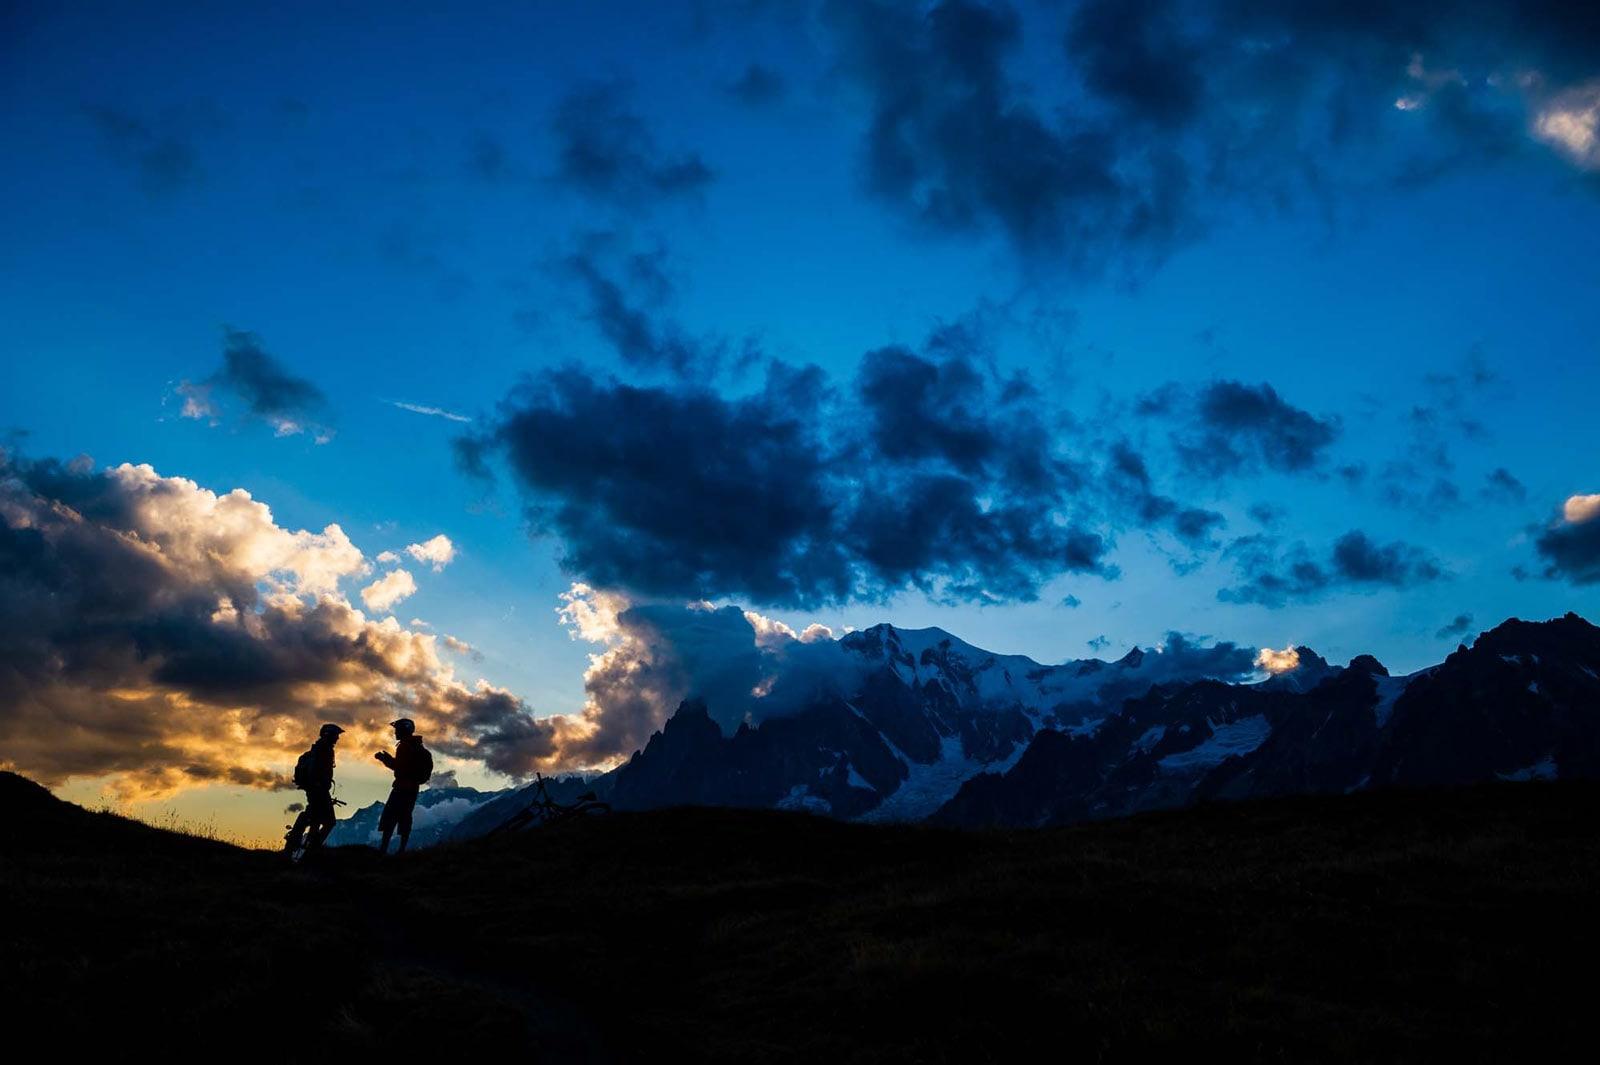 BLÅTIMEN: Ytterpunktene av døgnet kan være den beste tiden å tilbringe i fjellet. Syklistene tar en pust i bakken.